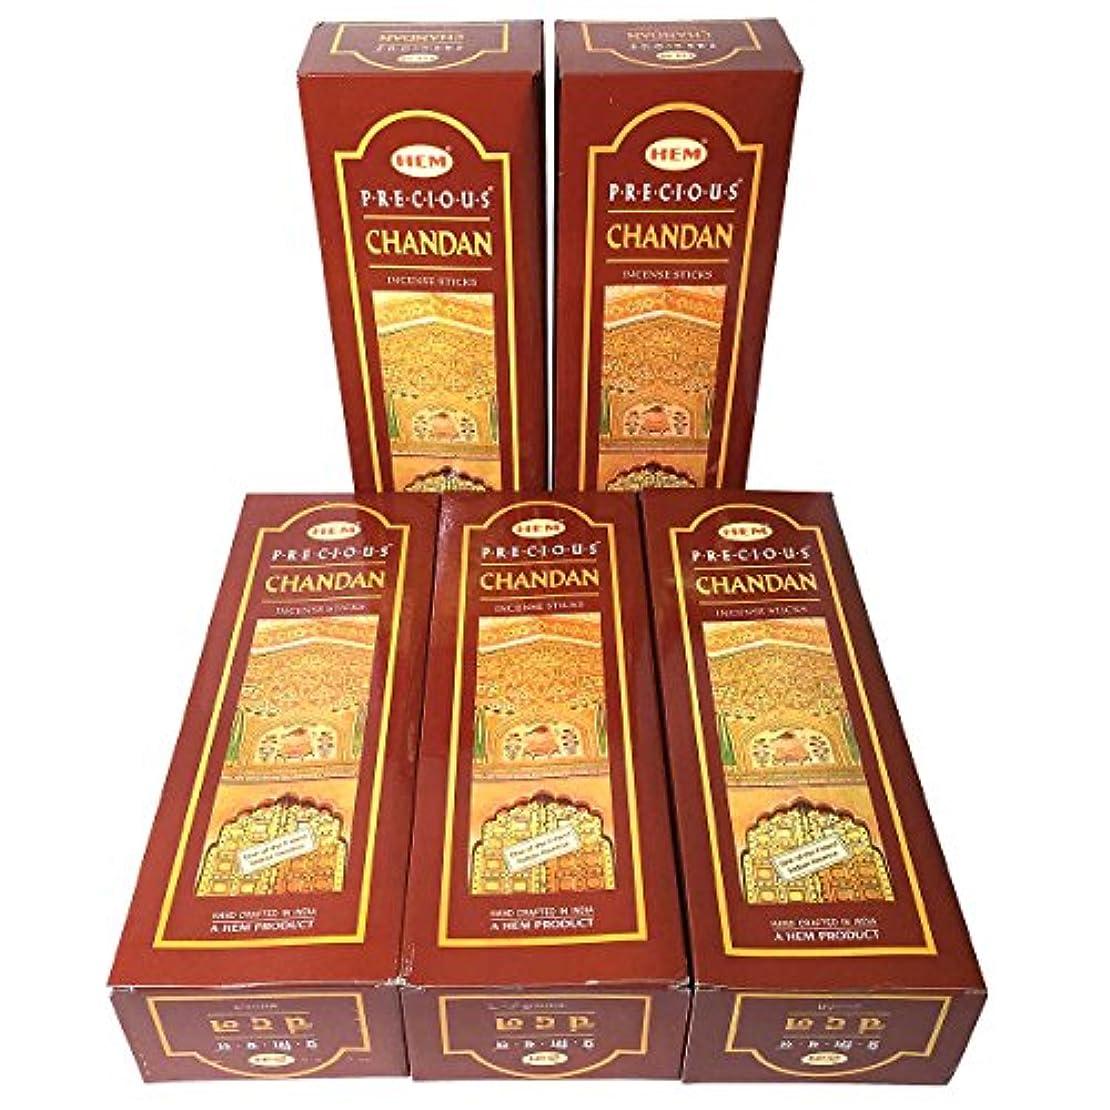 ヒロインそよ風どうしたのHEM チャンダン香 スティック5BOX(30箱) CHANDAN / インド香 送料無料 [並行輸入品]